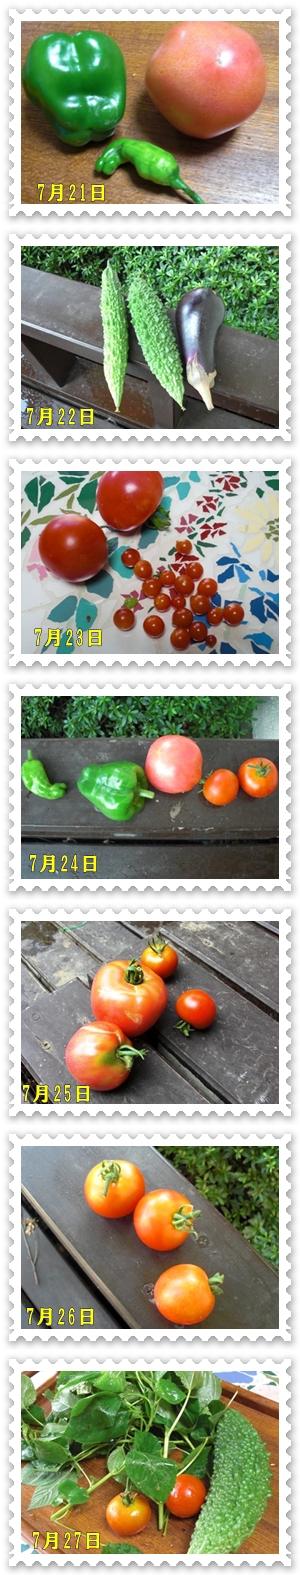 26日の収穫一覧